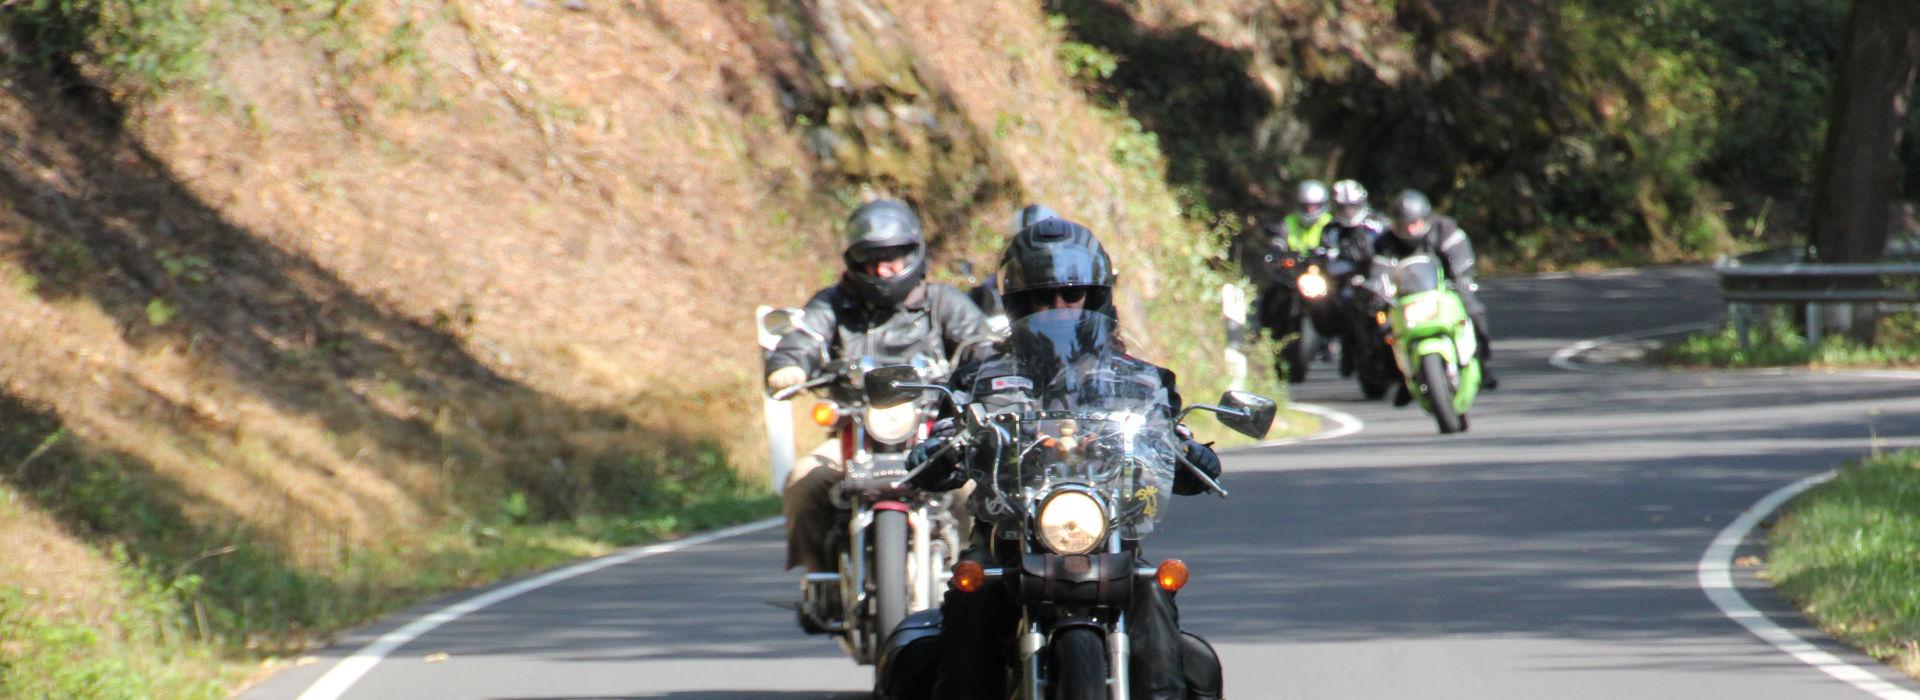 Motorrijbewijspoint Weert snel motorrijbewijs halen